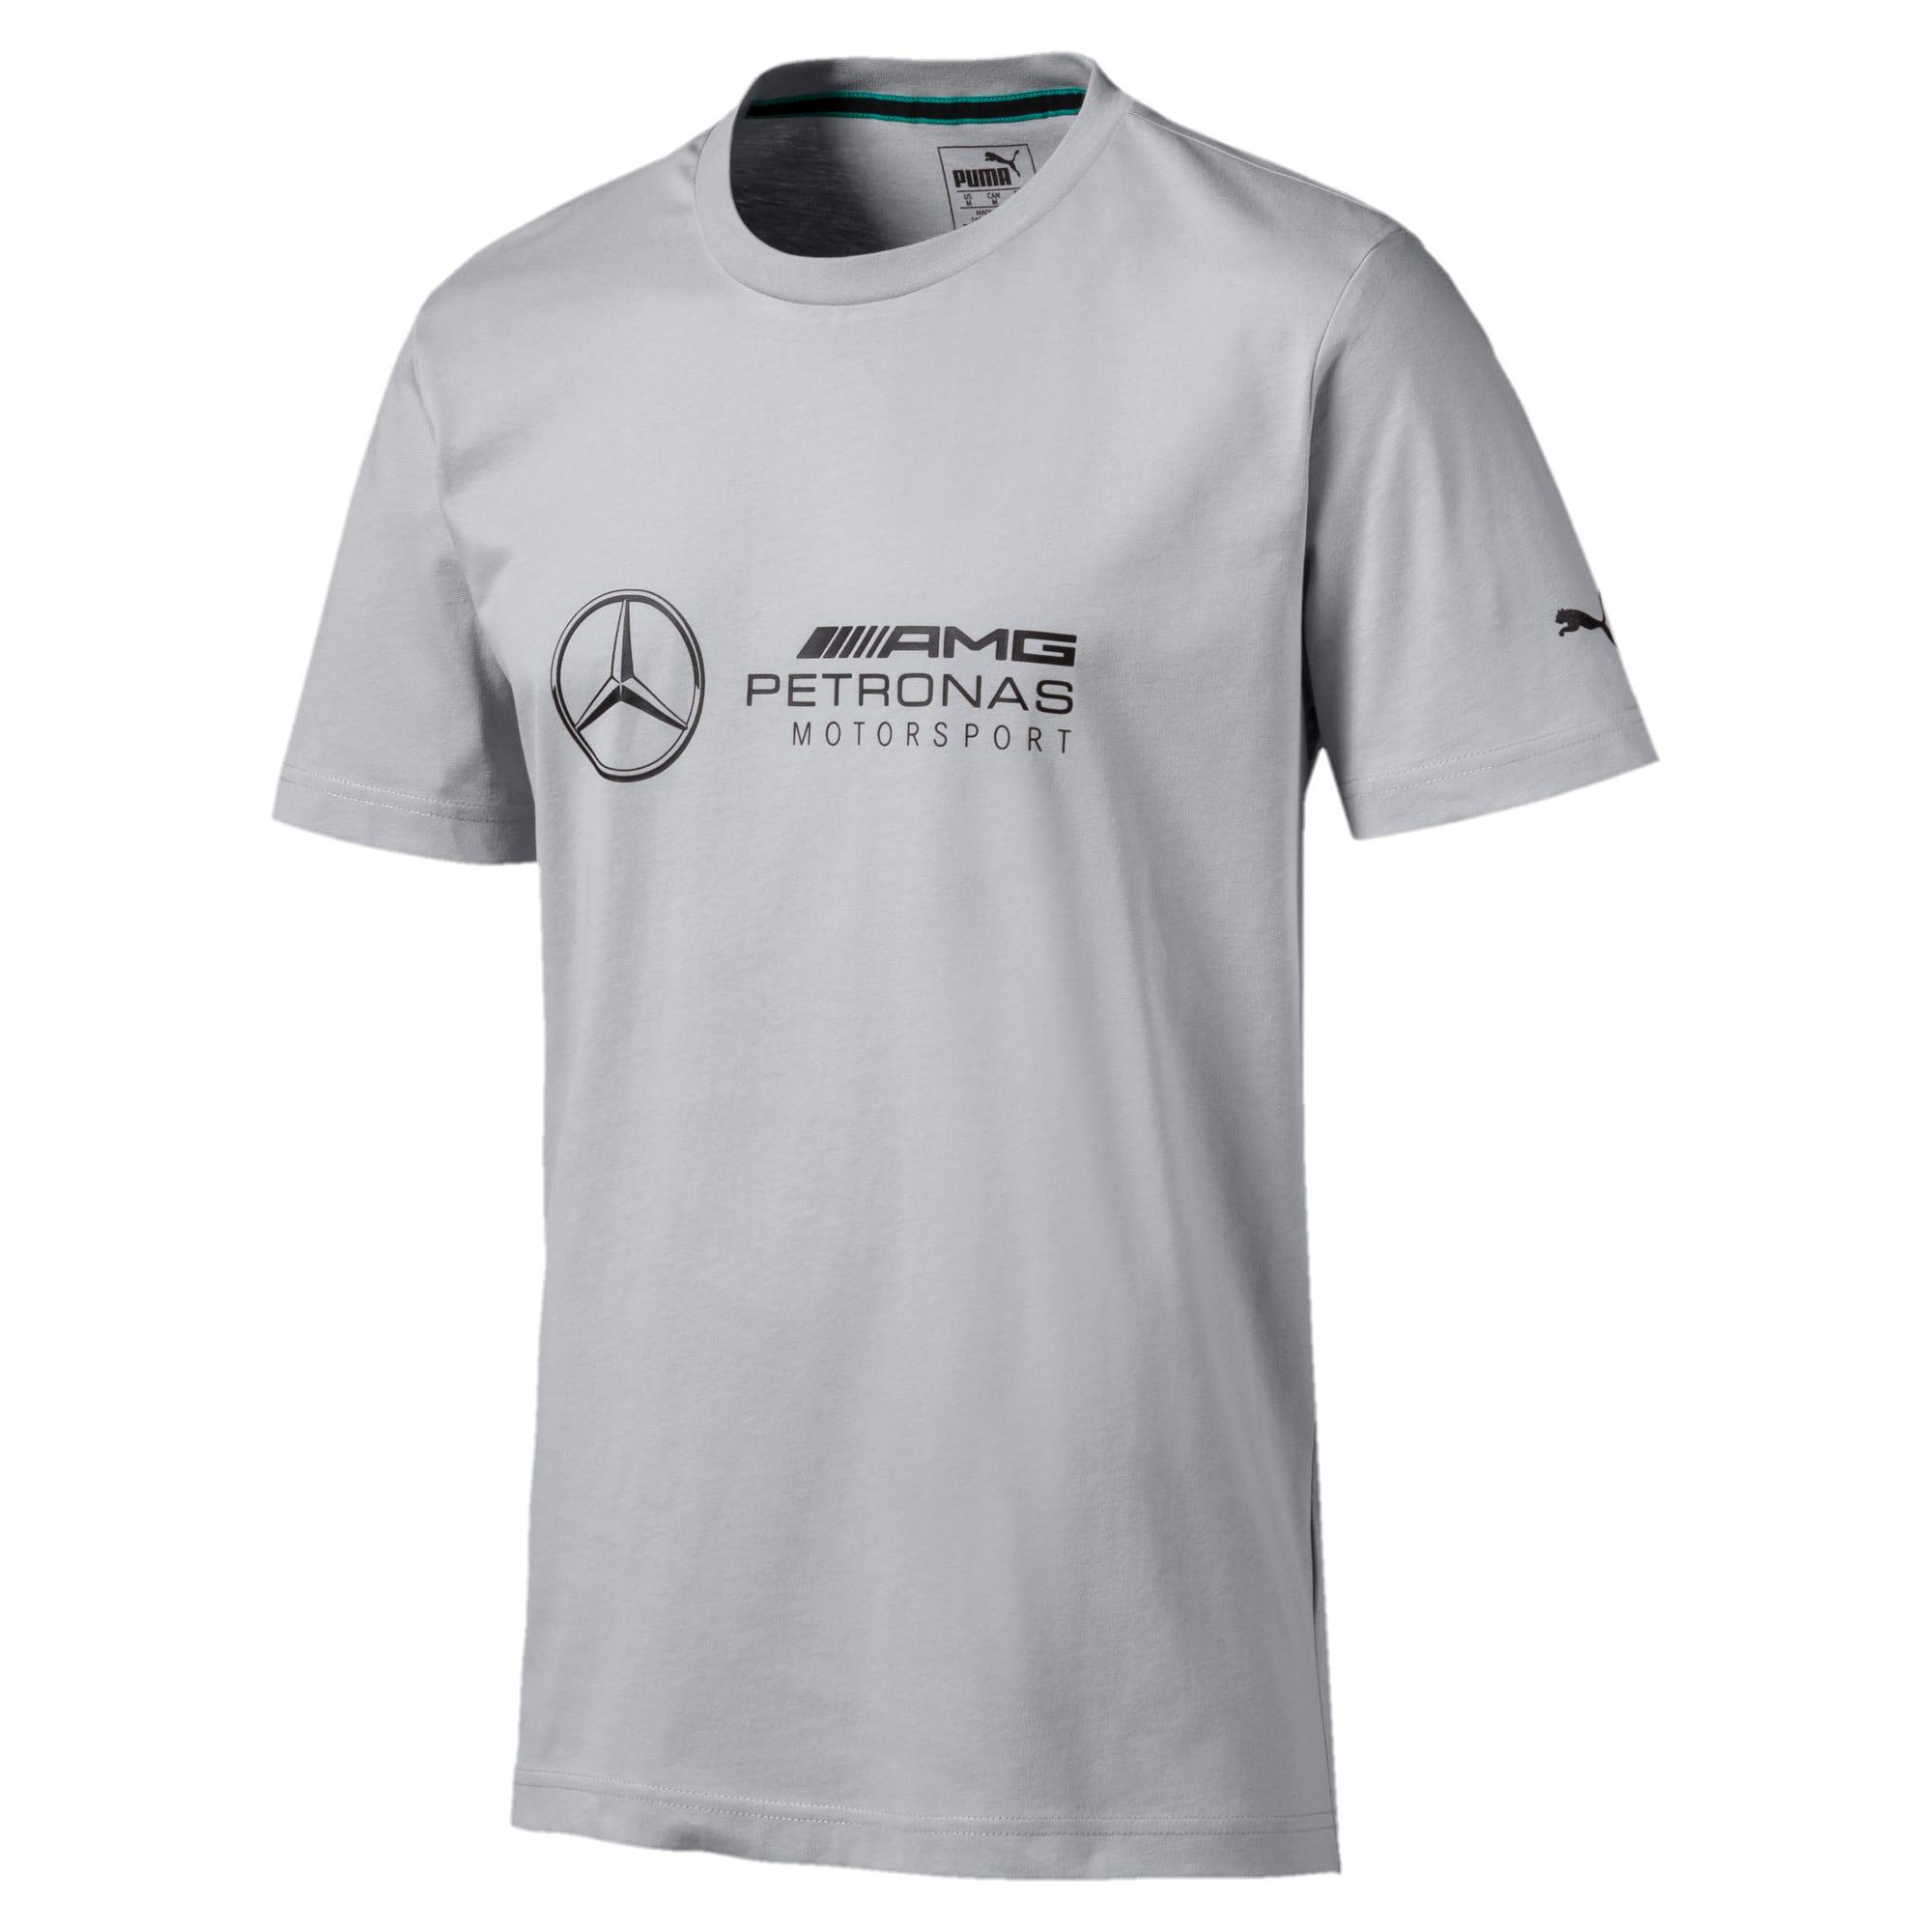 Miniatura 1 de Camiseta con logo Mercedes AMG Petronas para hombre, Mercedes Team Silver, mediano